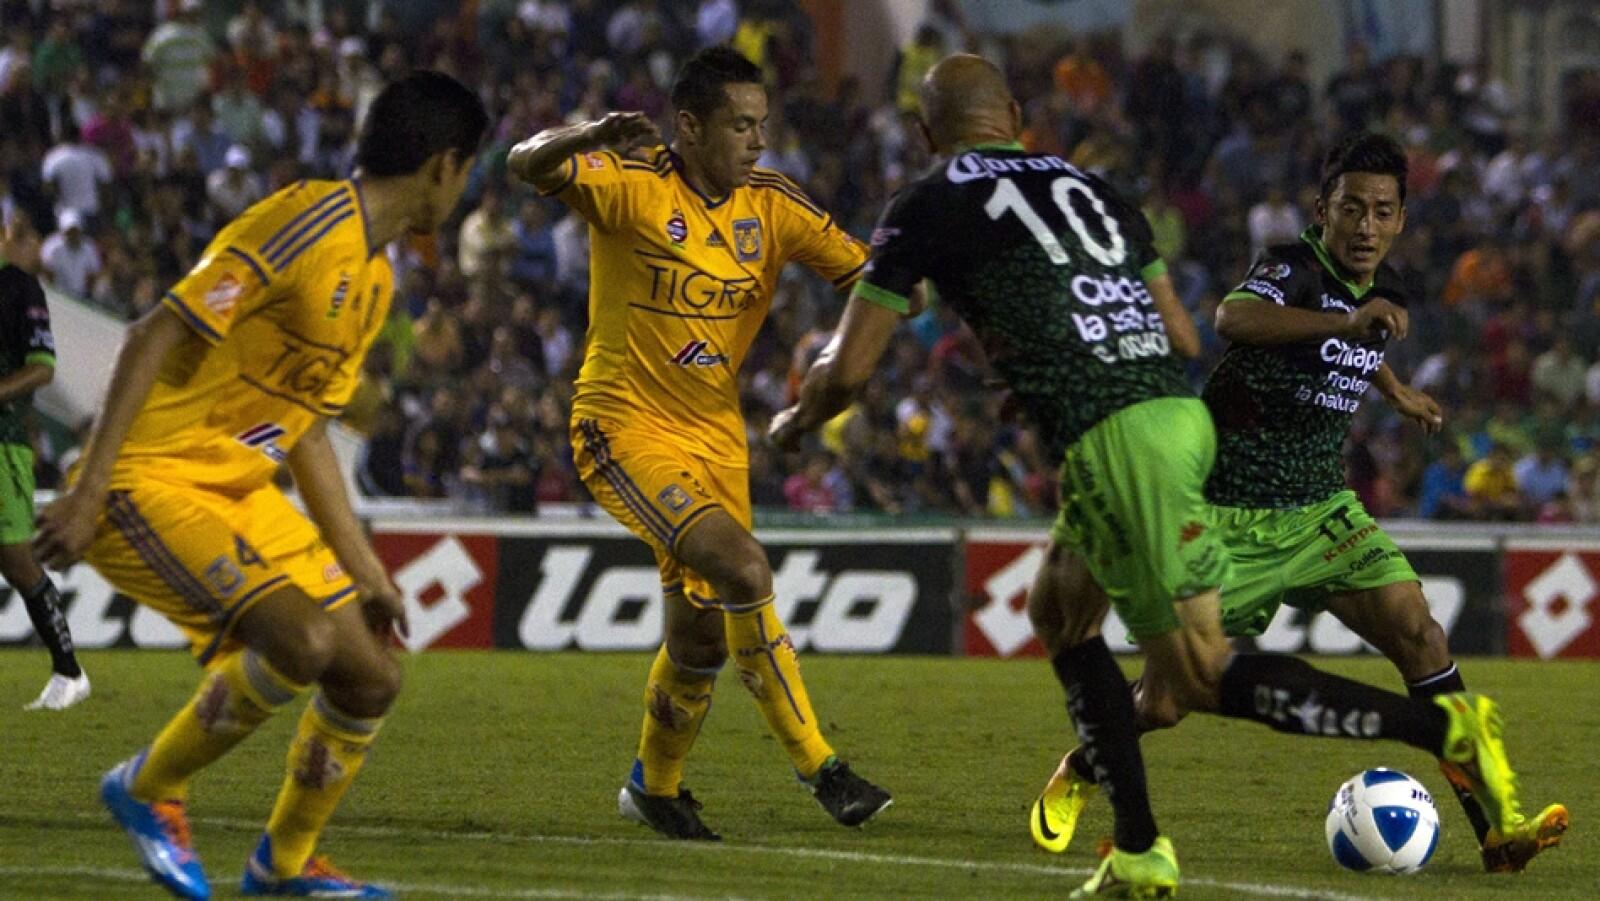 Jaguares y Tigres empataron 0-0 en duelos de felinos